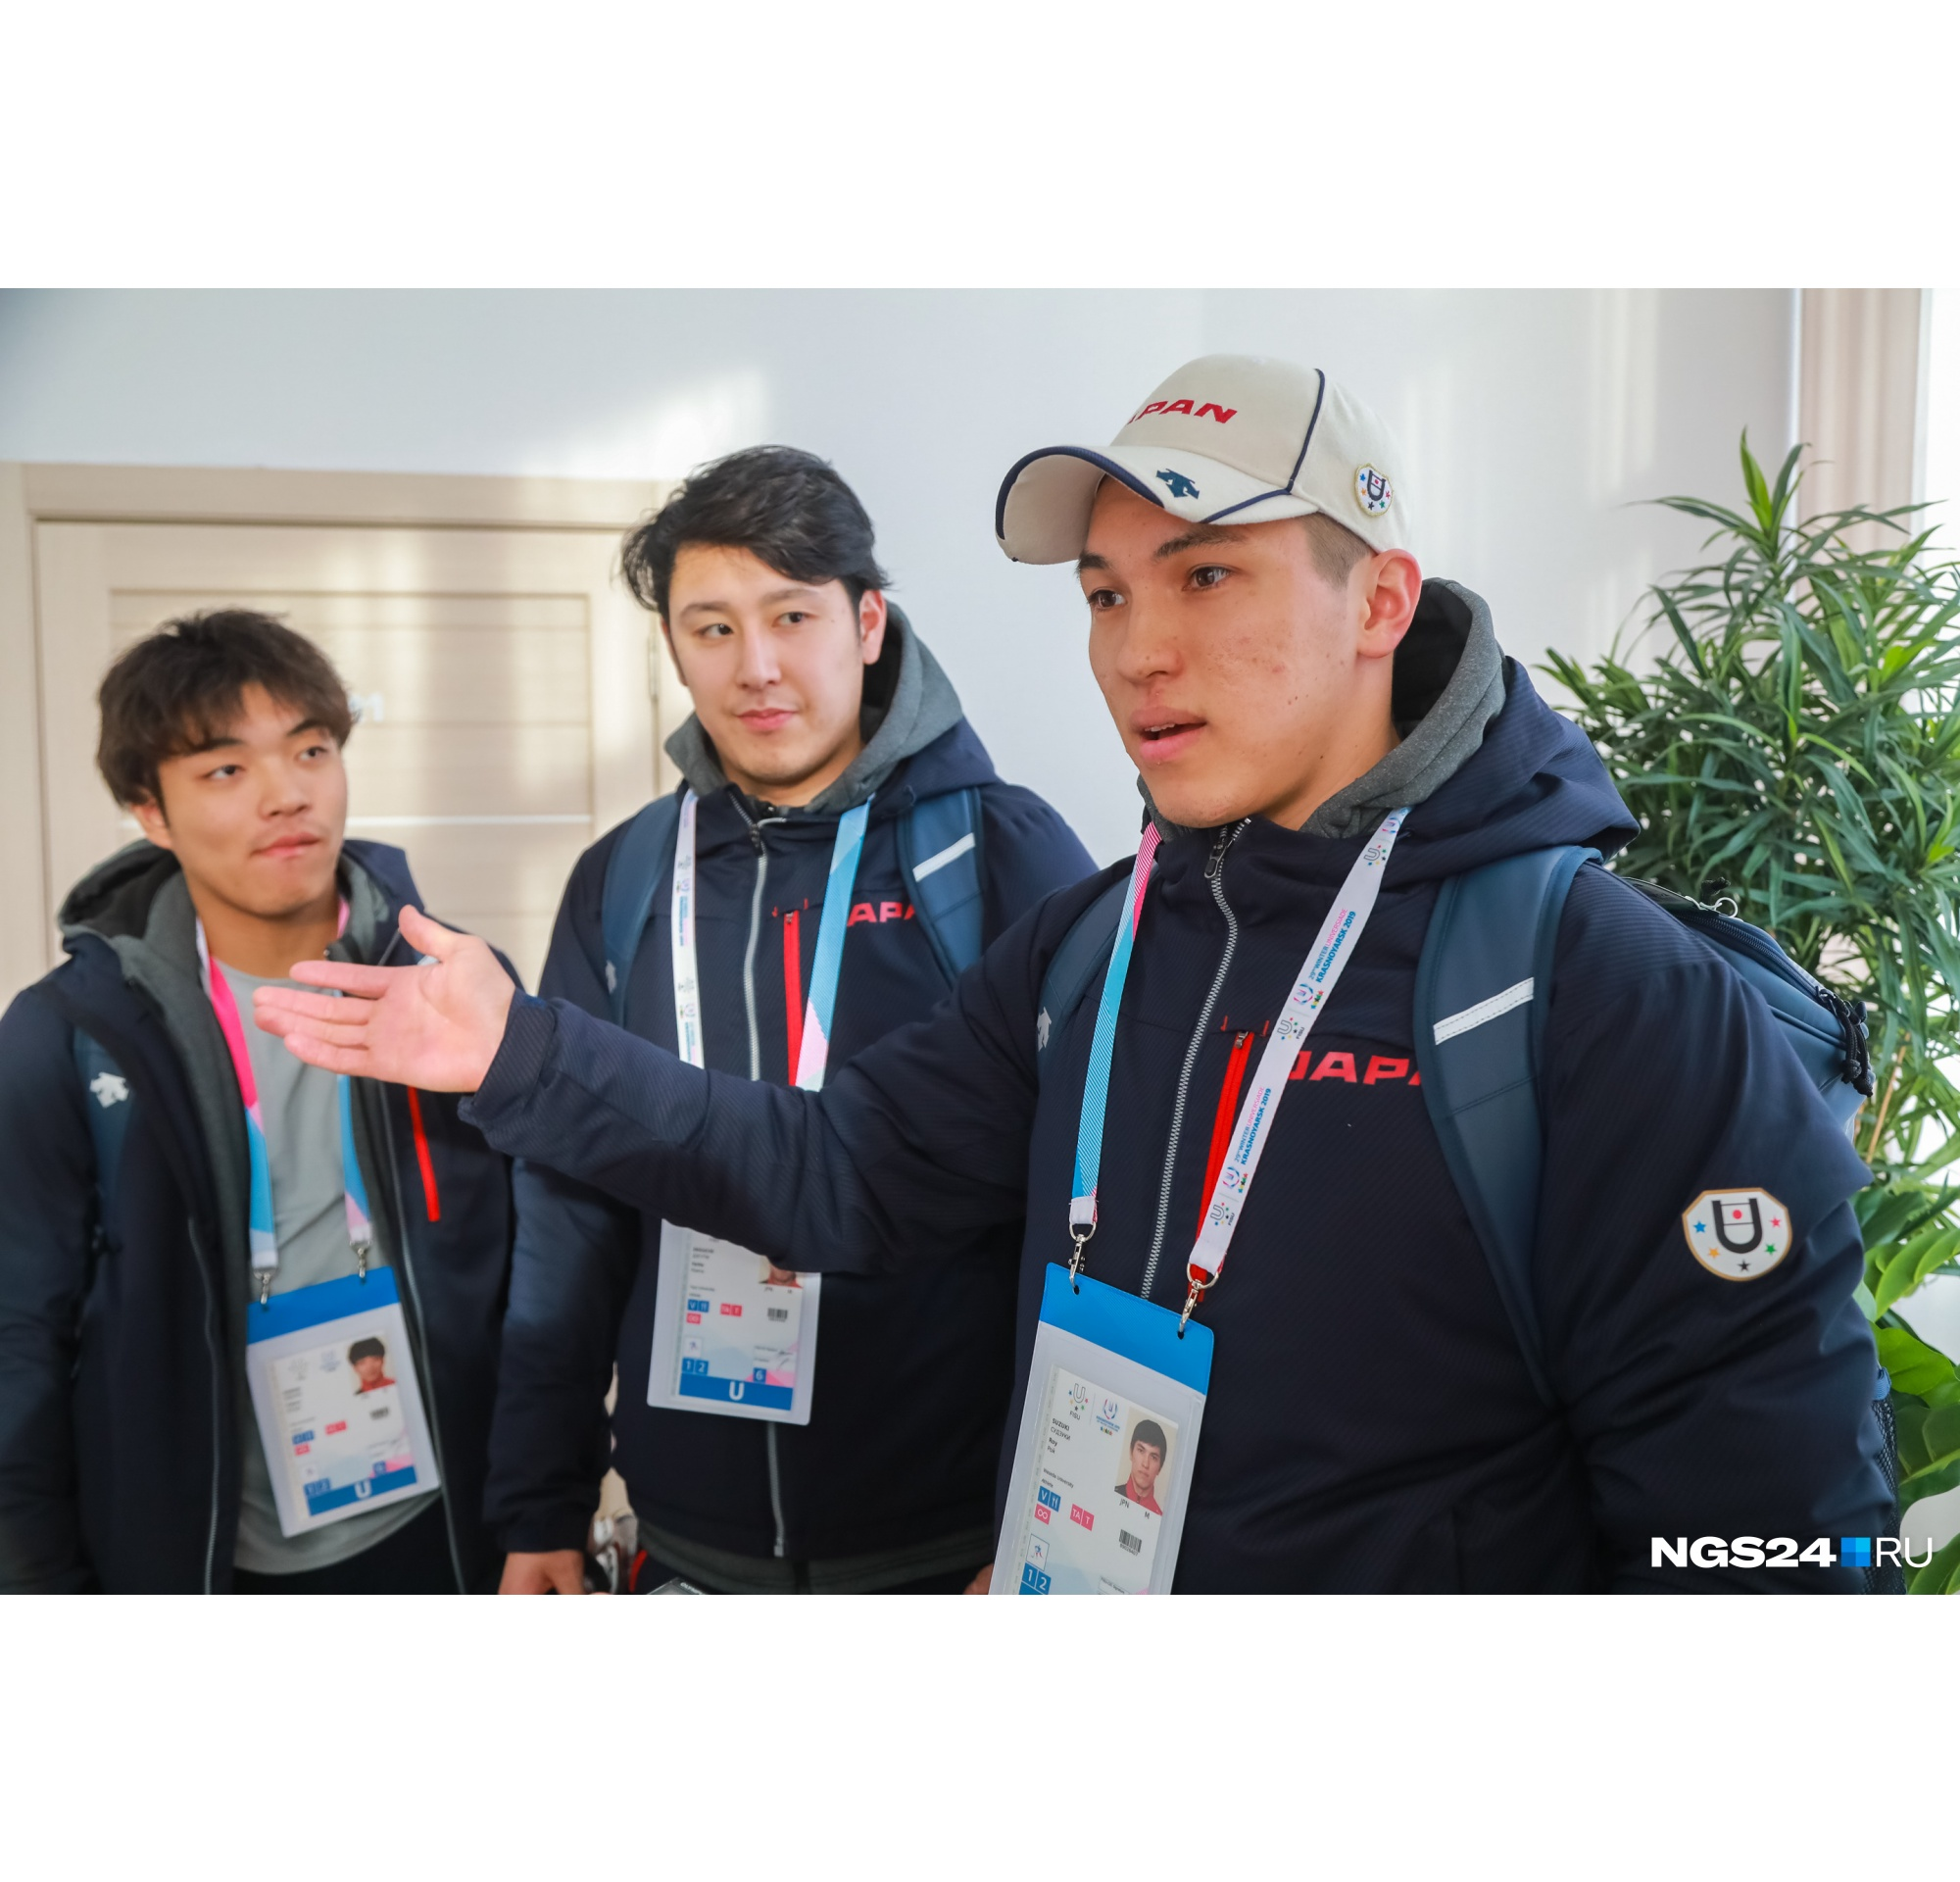 Спортсмены из Японии